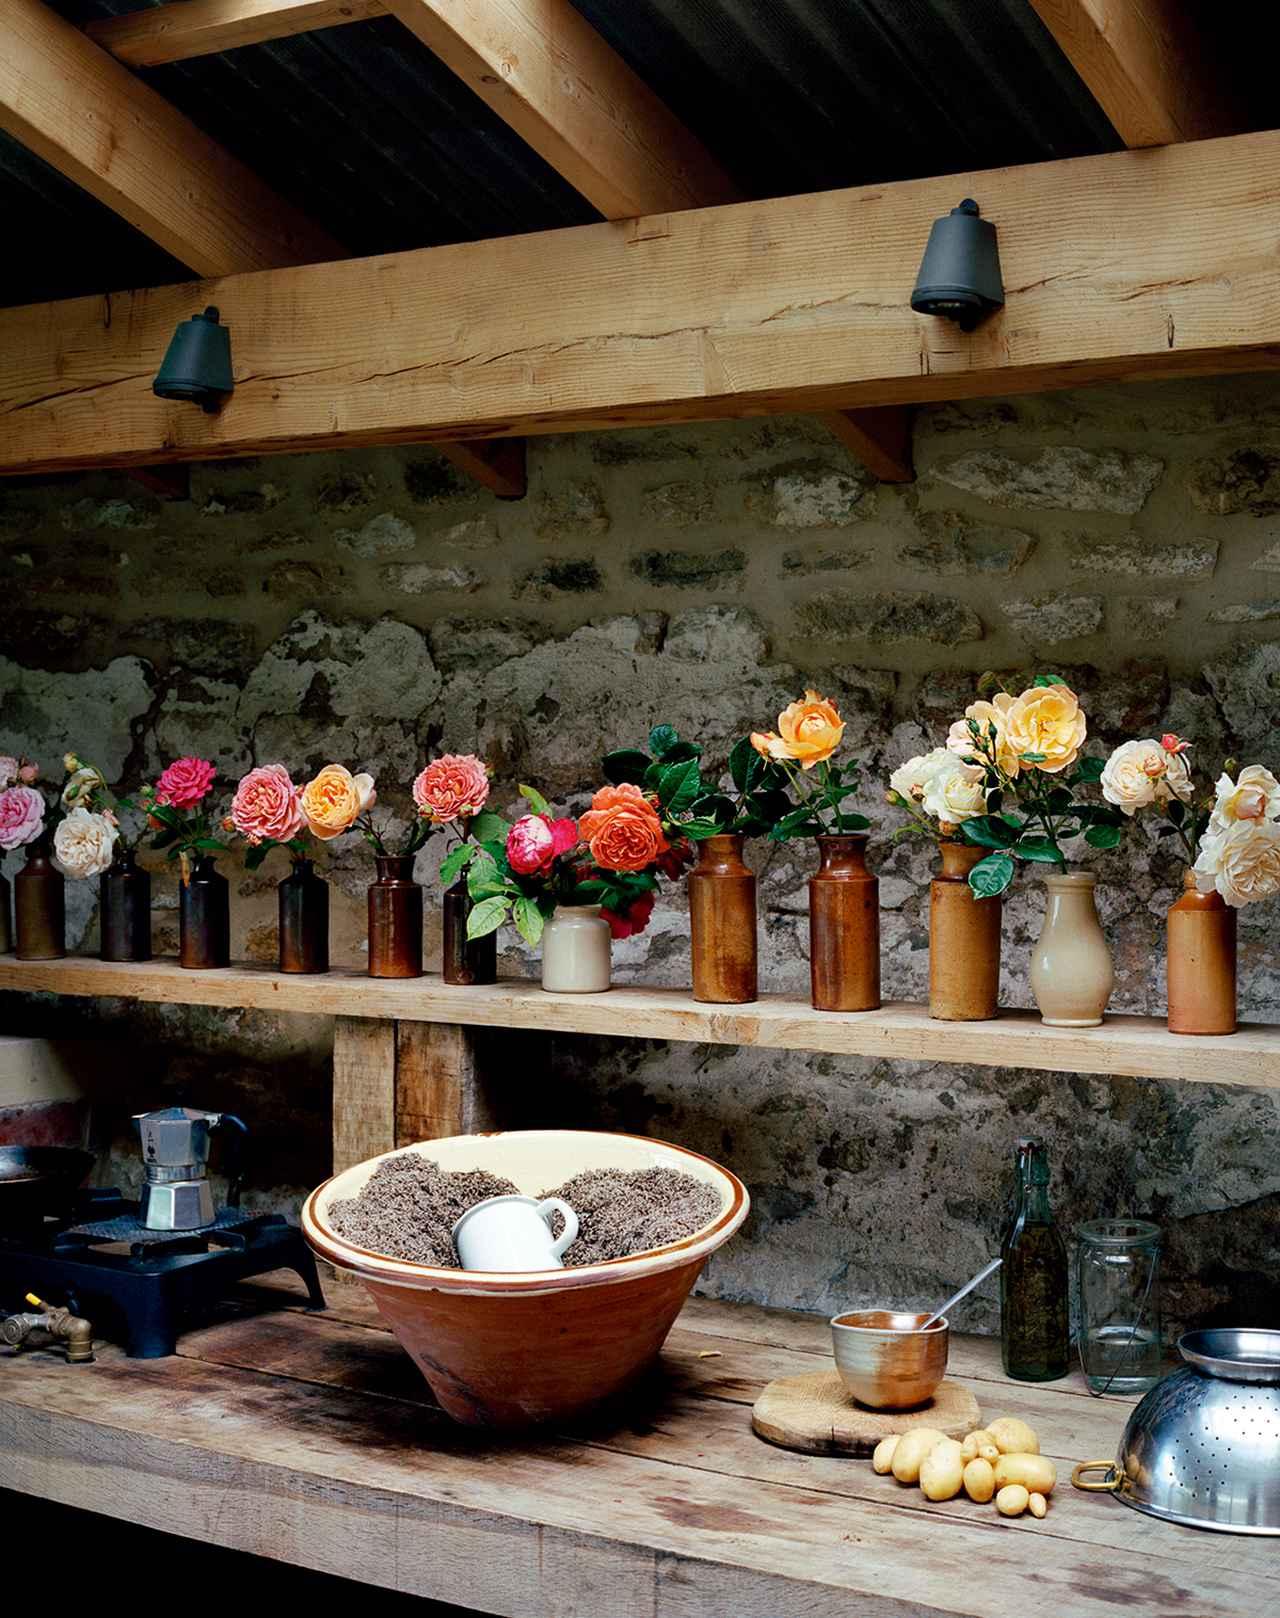 Images : 4番目の画像 - 「野花が咲き乱れ、風に揺れるーー ダン・ピアソンの自身が憩う庭」のアルバム - T JAPAN:The New York Times Style Magazine 公式サイト